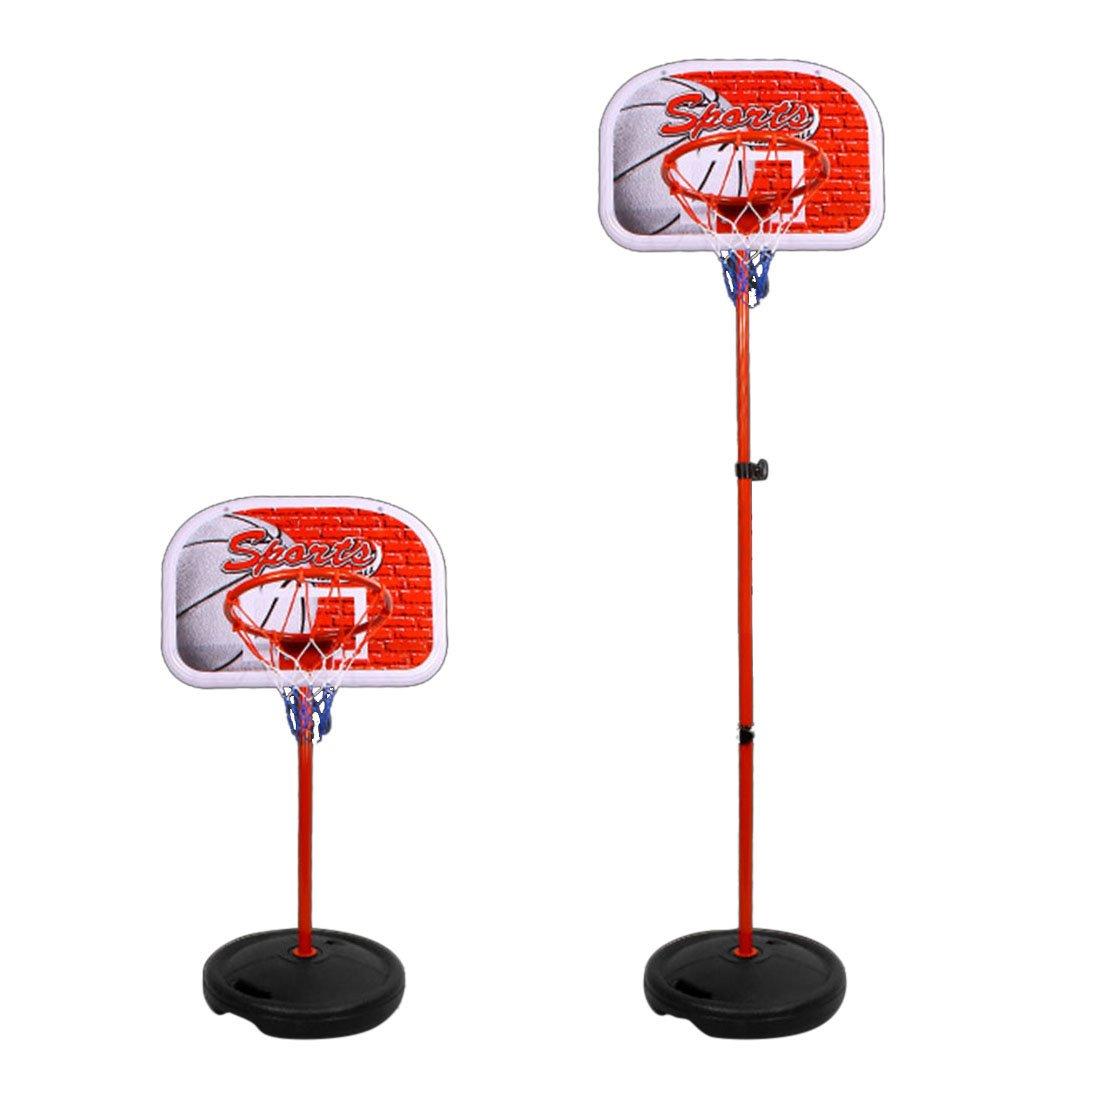 Baloncesto Stands Juguetes, lommer 50–147cm/19.68–57.87en los niños Baloncesto Deporte portátil tablero baloncesto soporte 4-Section altura ajustable con inflador